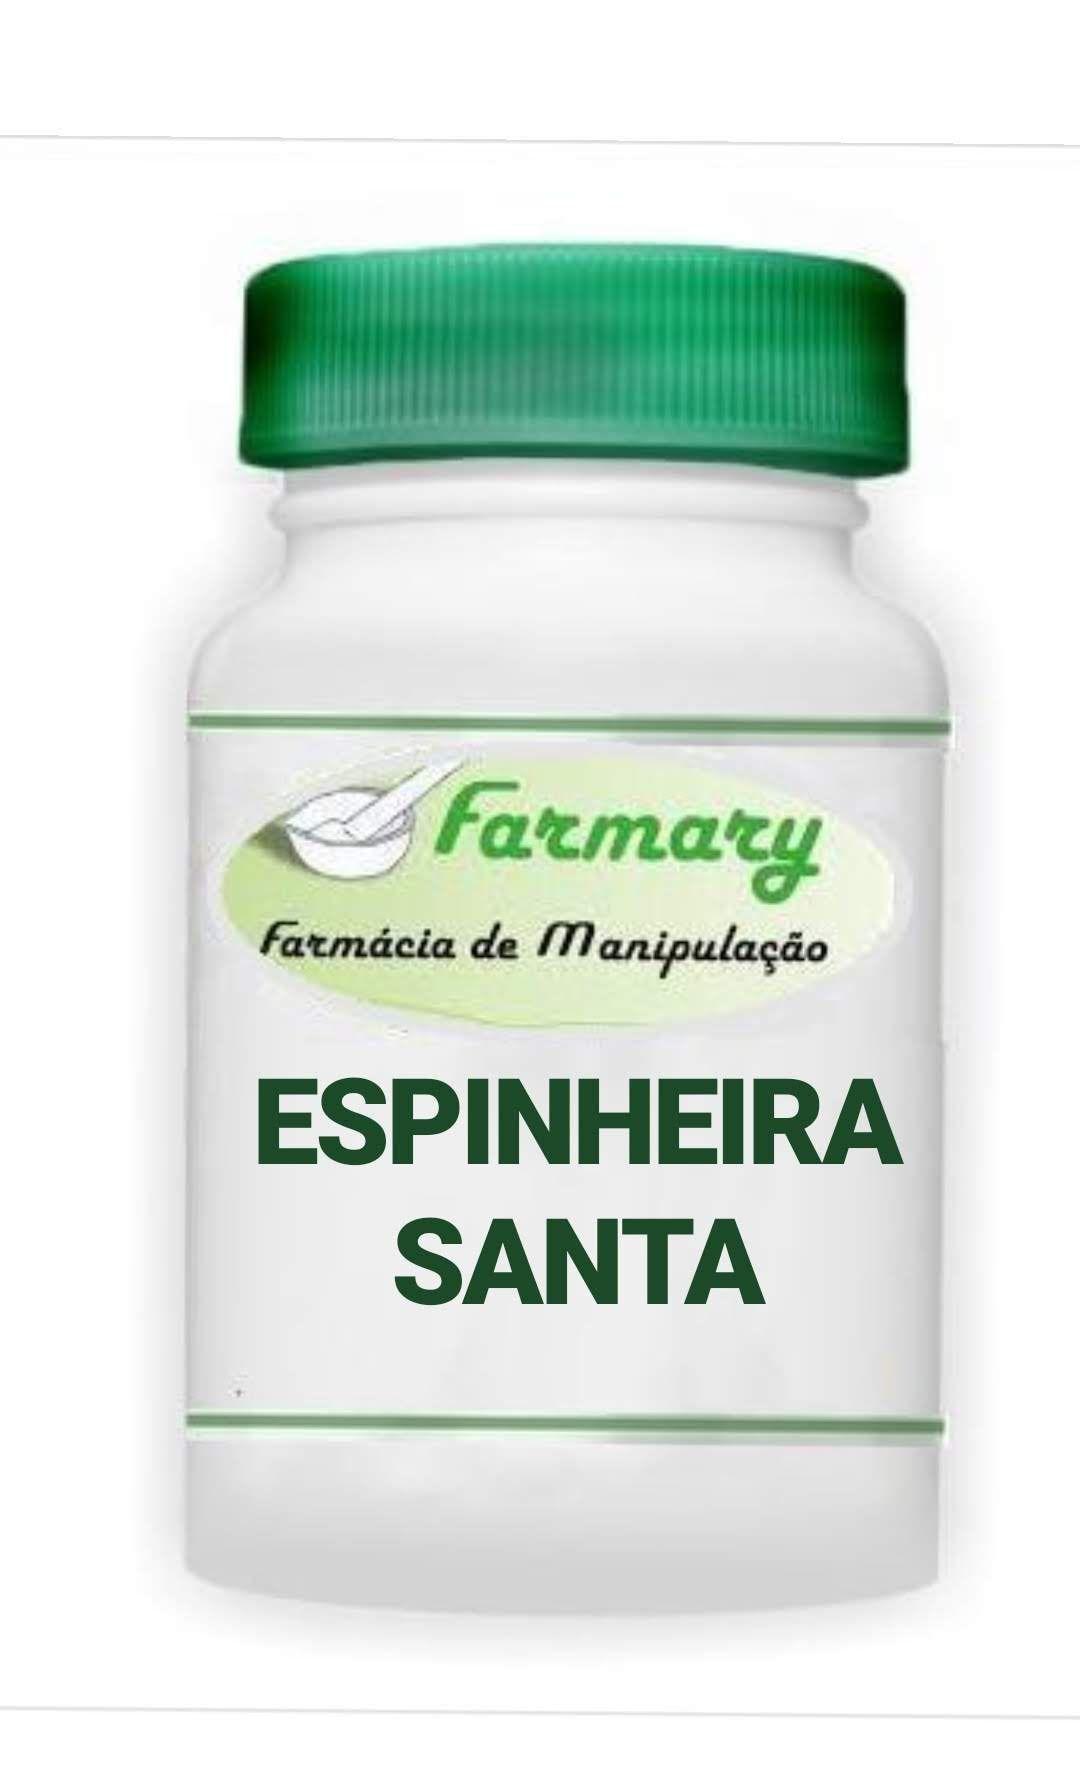 ESPINHEIRA SANTA